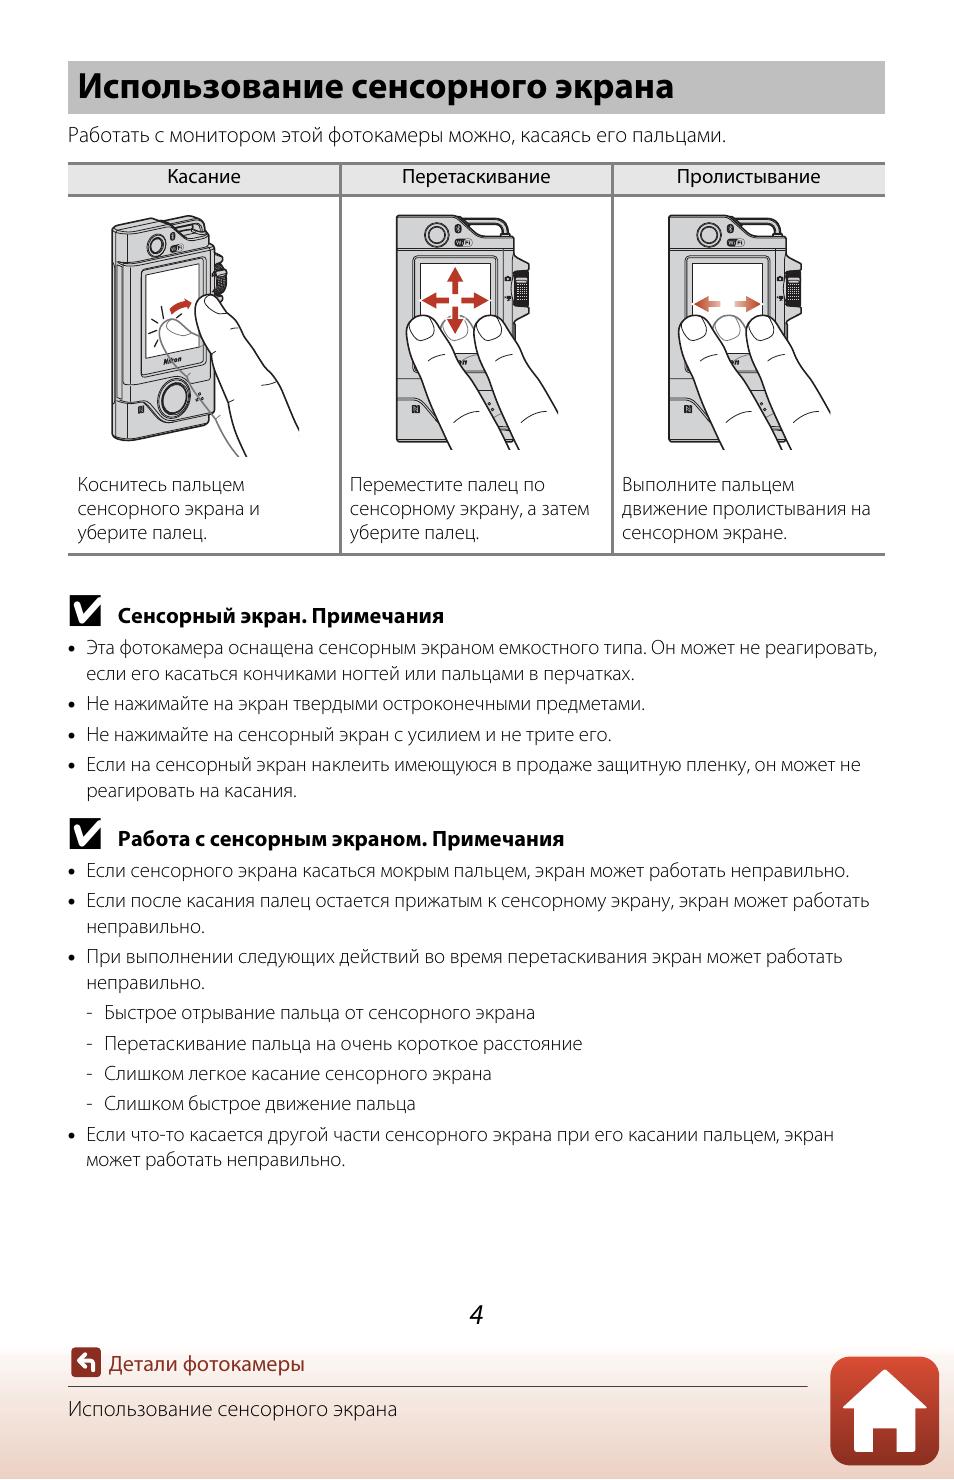 никон д3200 инструкция по применению